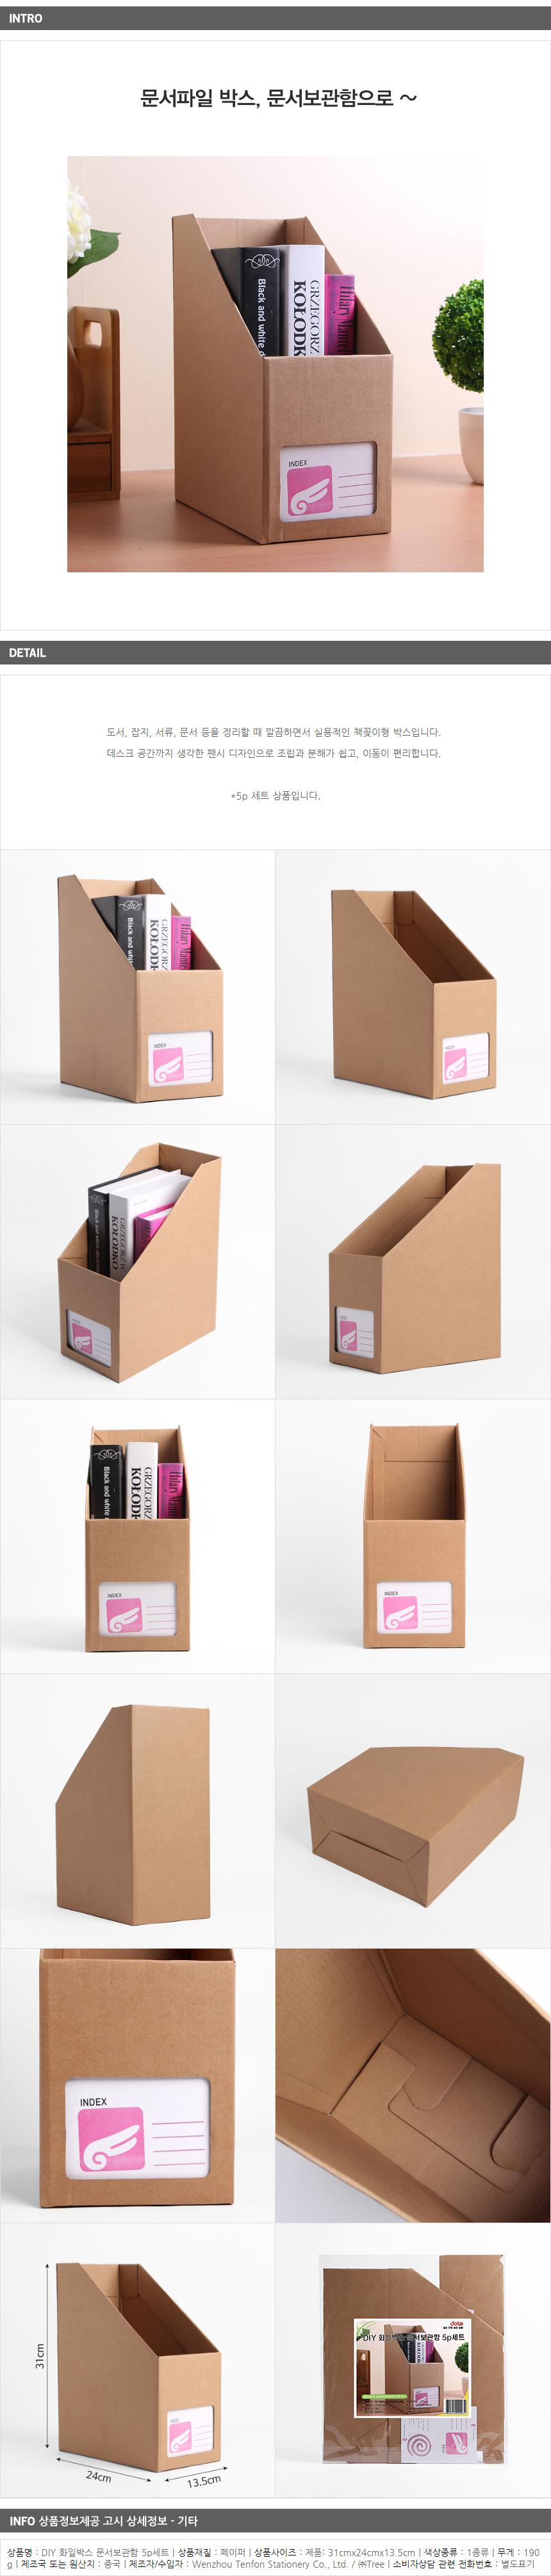 DIY 서류 문서보관함 5p세트 - 기프트갓, 10,060원, 데스크정리, 서류/파일홀더